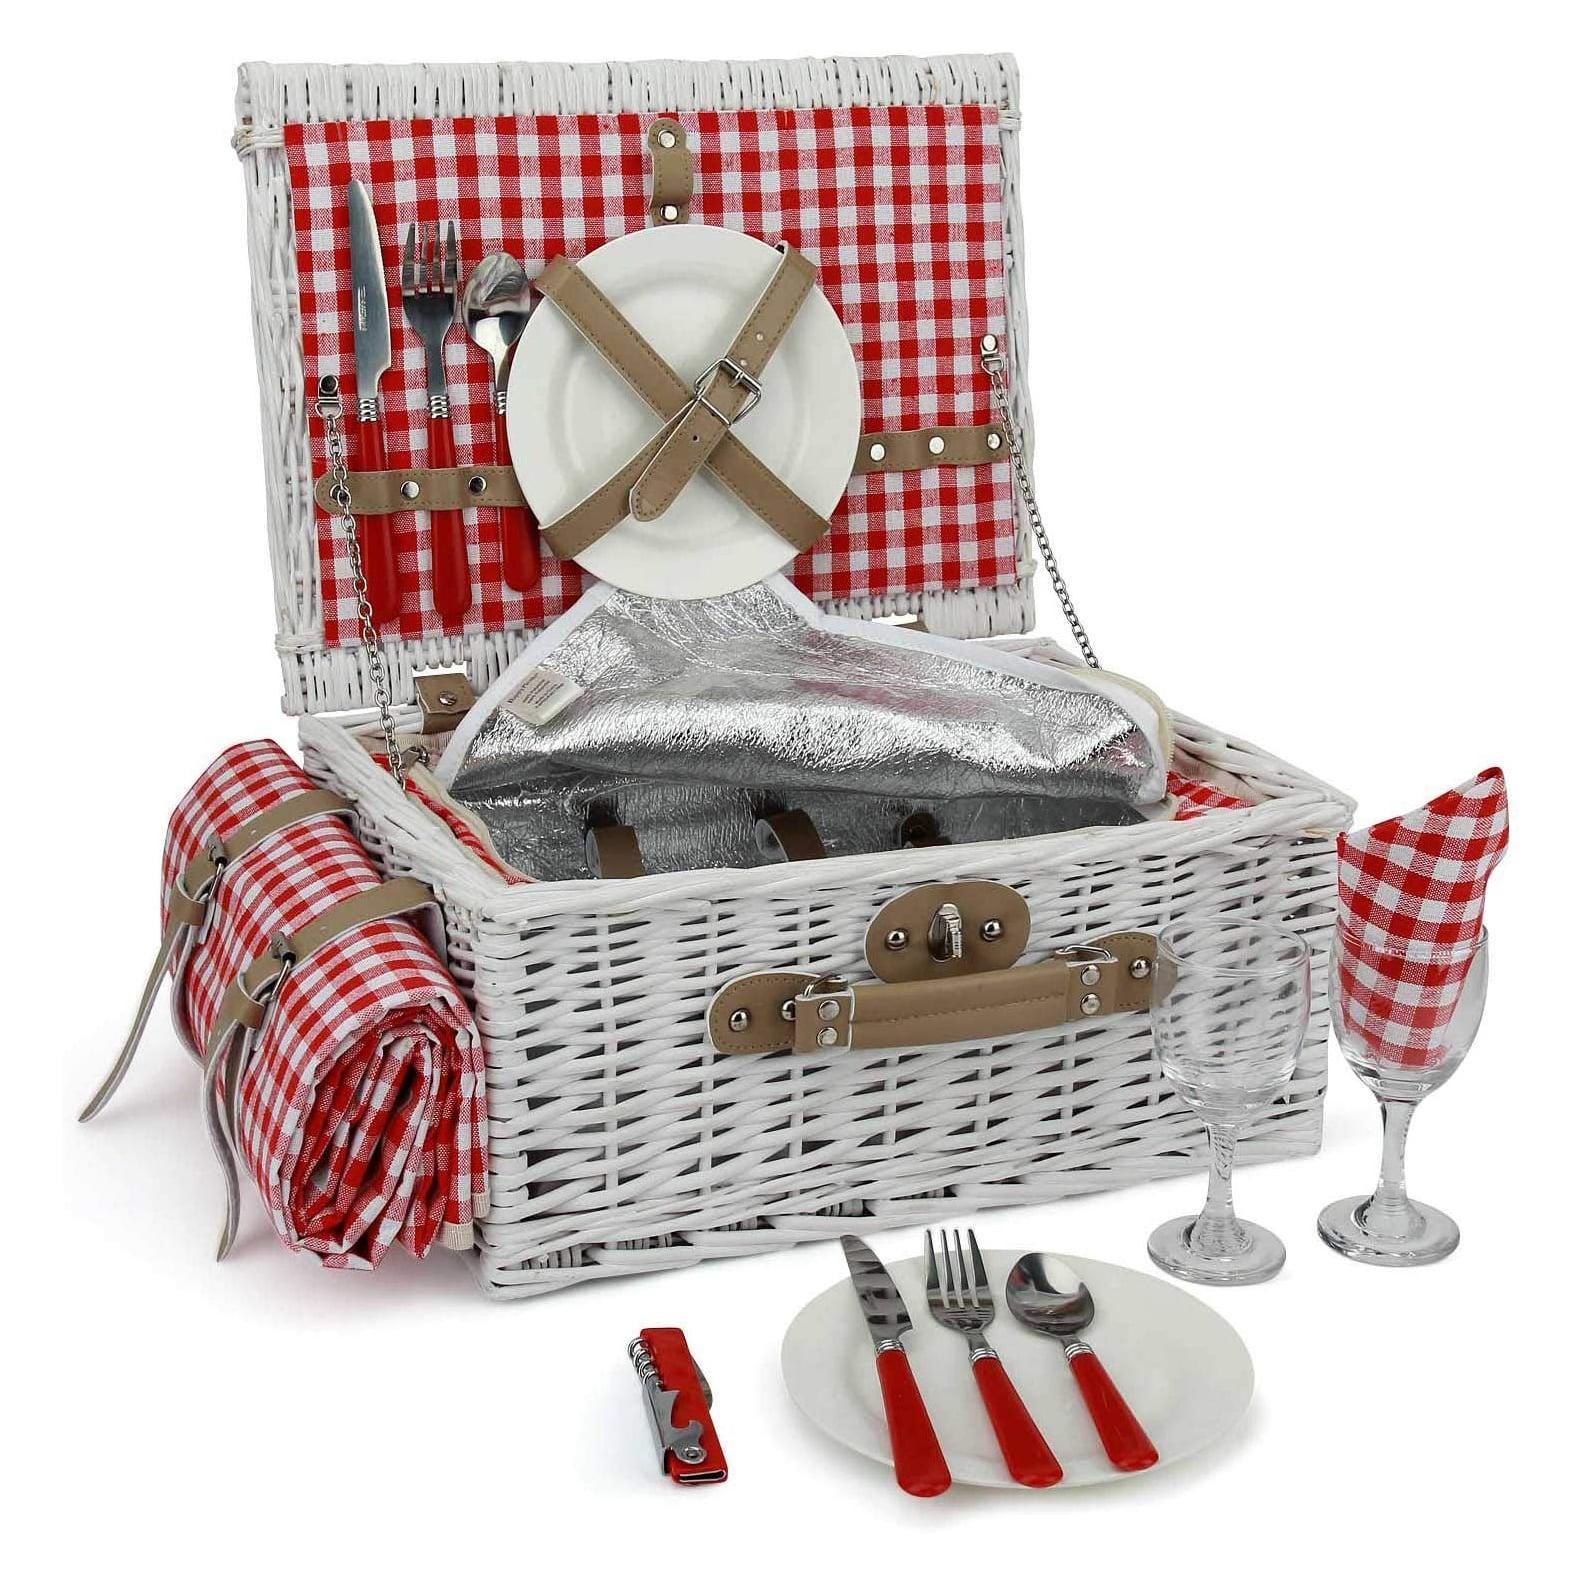 INNO STAGE Romantic Wicker Picnic Basket